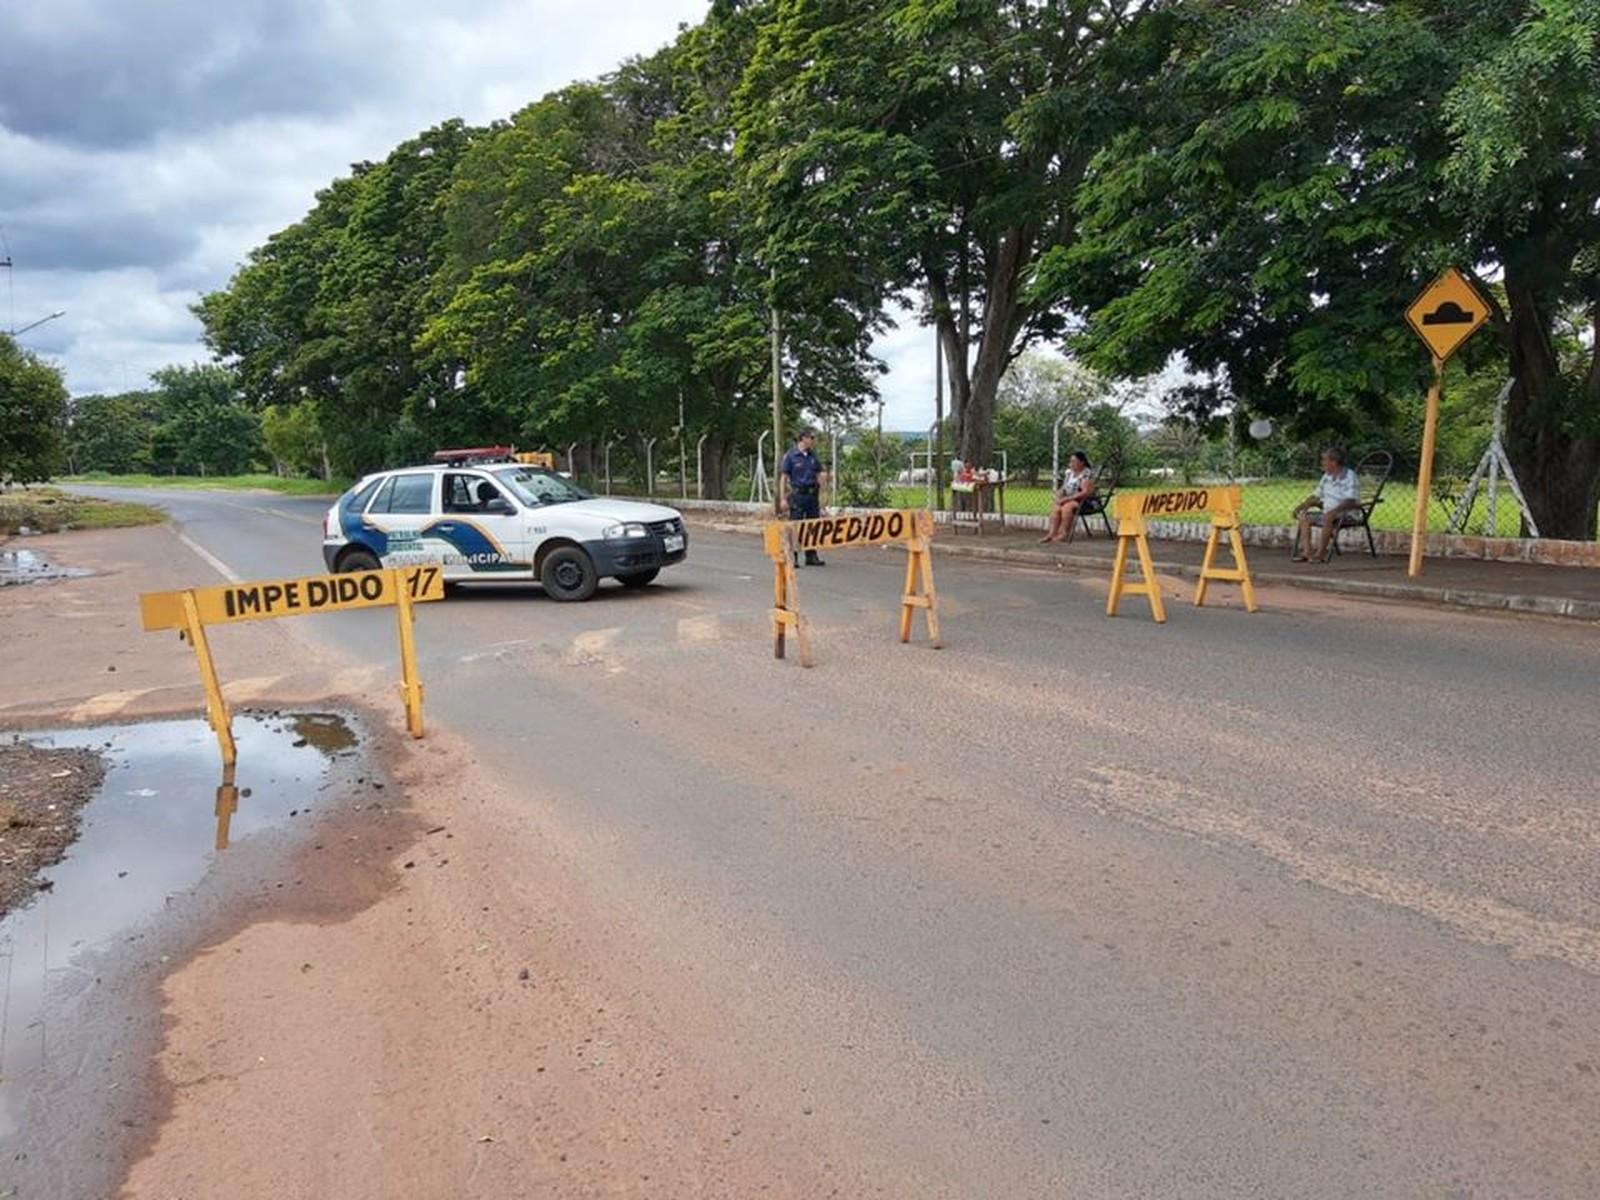 Estrada de acesso ao Horto Florestal é interditada por causa de erosão em Paraguaçu Paulista — Foto: Prefeitura de Paraguaçu Paulista/Divulgação